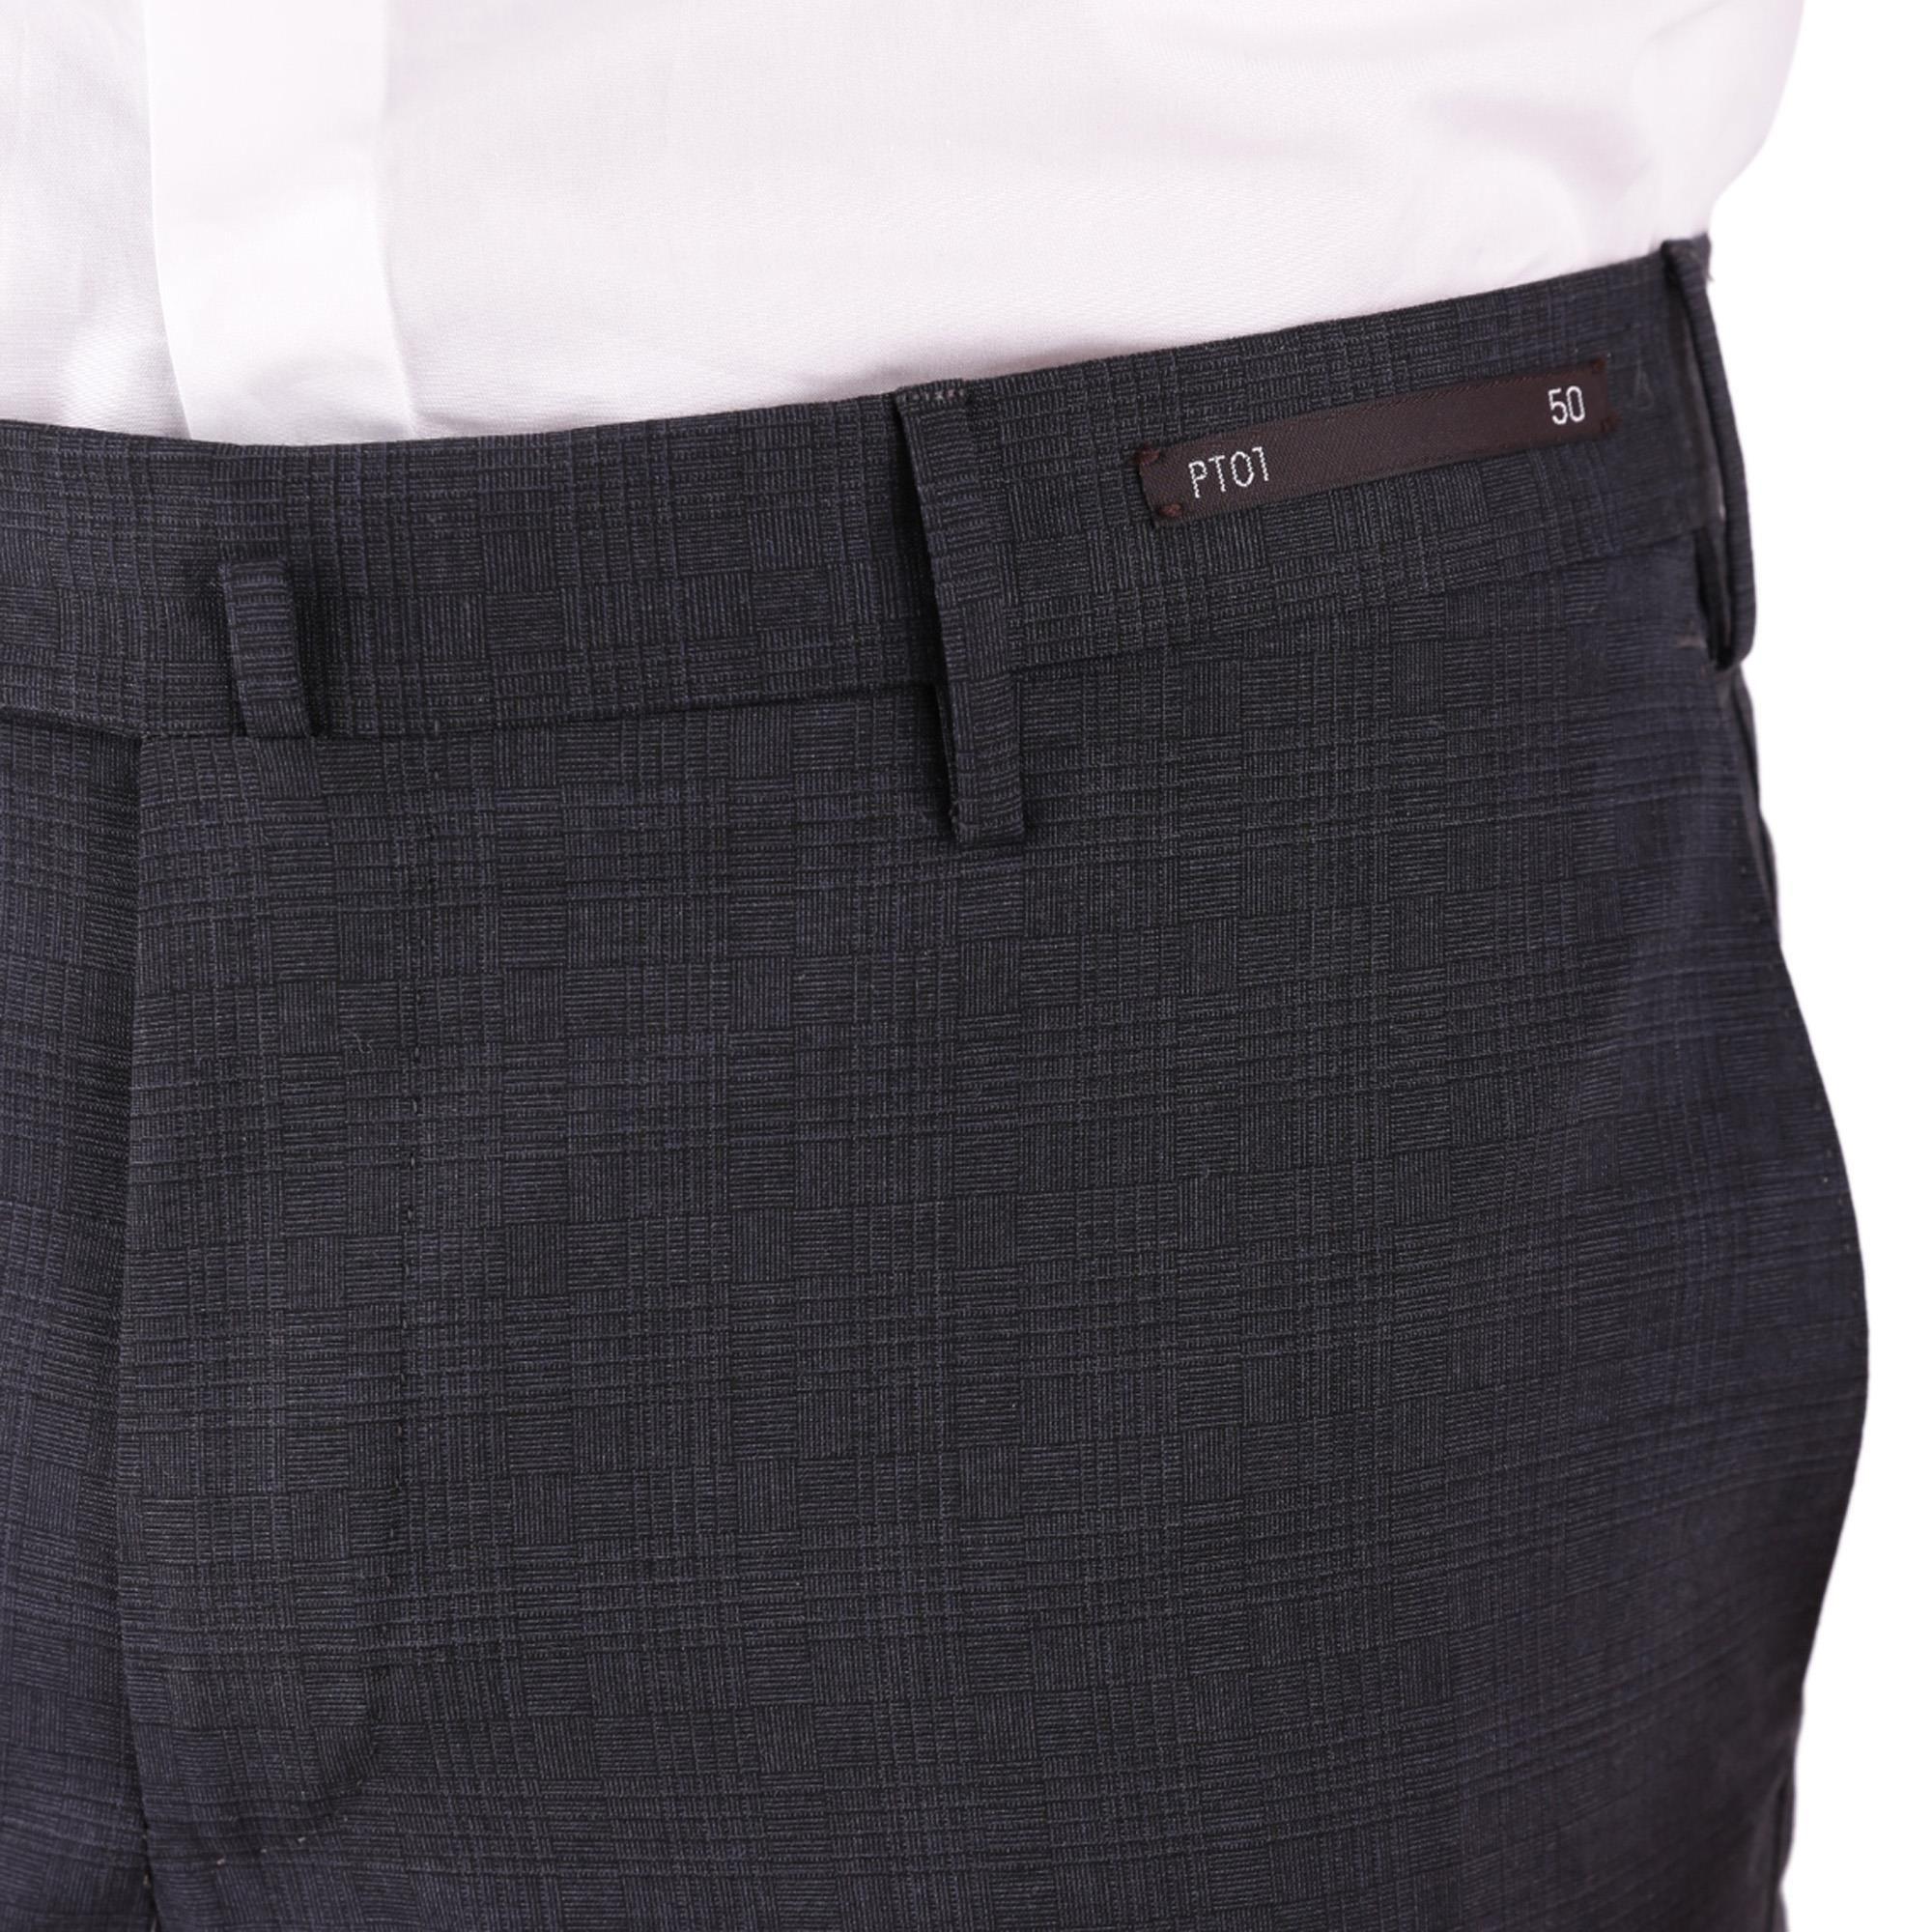 PT01 MEN'S DSTVZ00NTVPO480250 BLUE COTTON PANTS